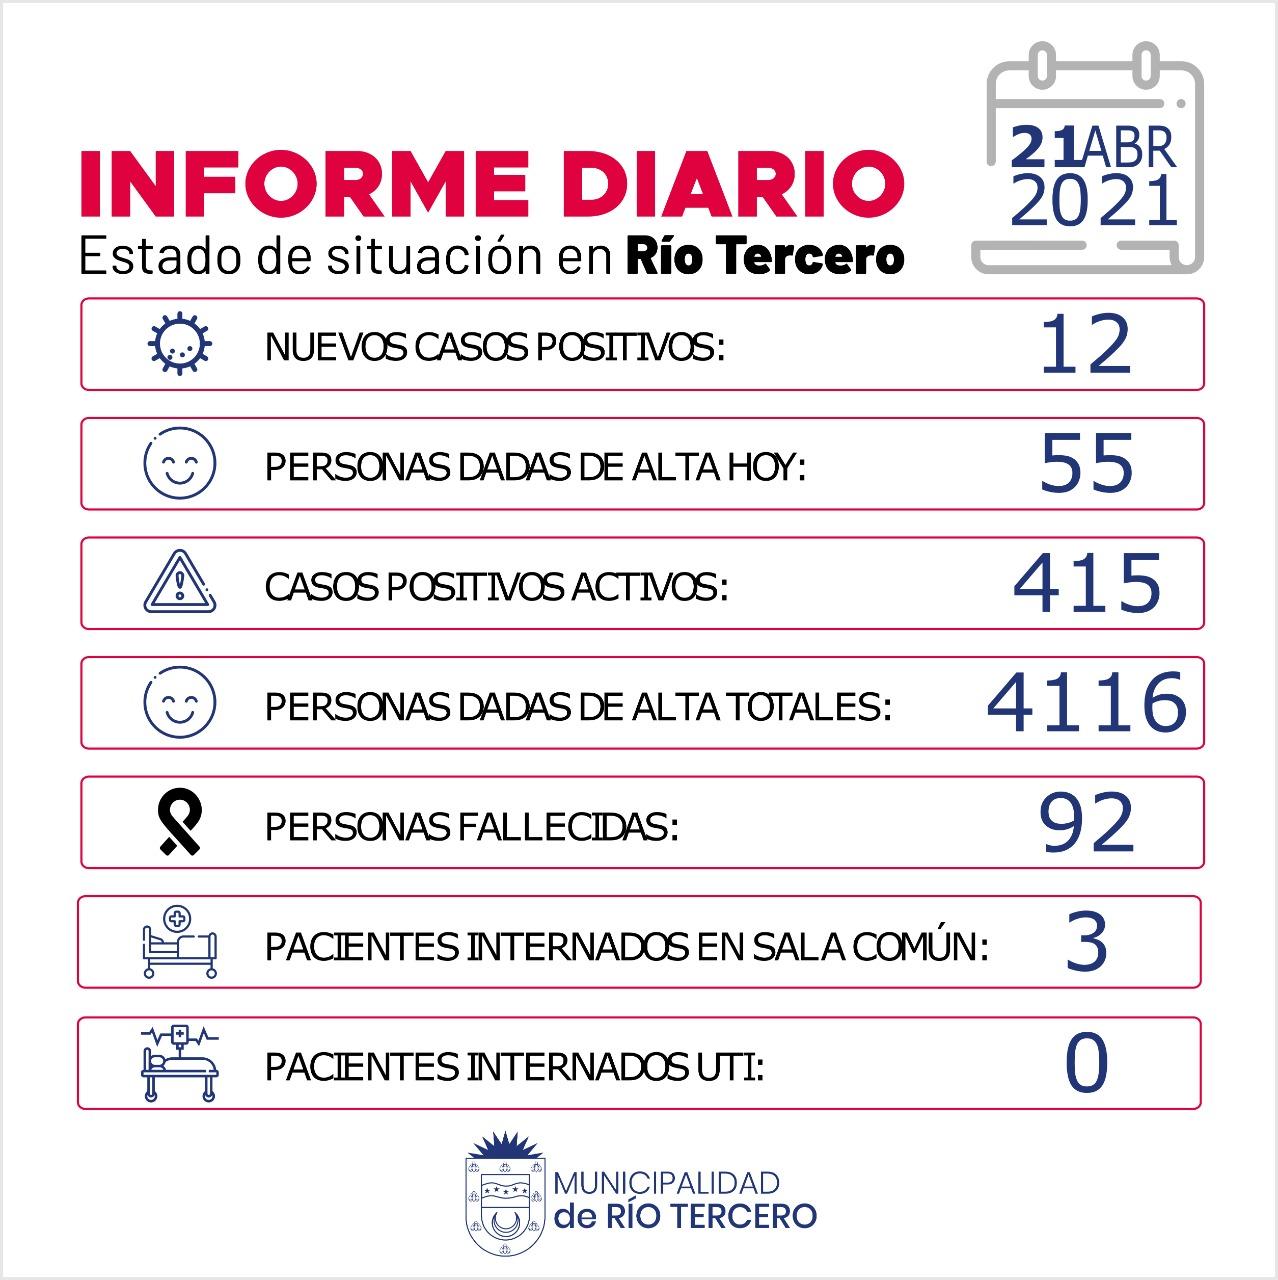 RÍO TERCERO TIENE 415 CASOS ACTIVOS: HOY SE REGISTRARON 12 NUEVOS CASOS POSITIVOS